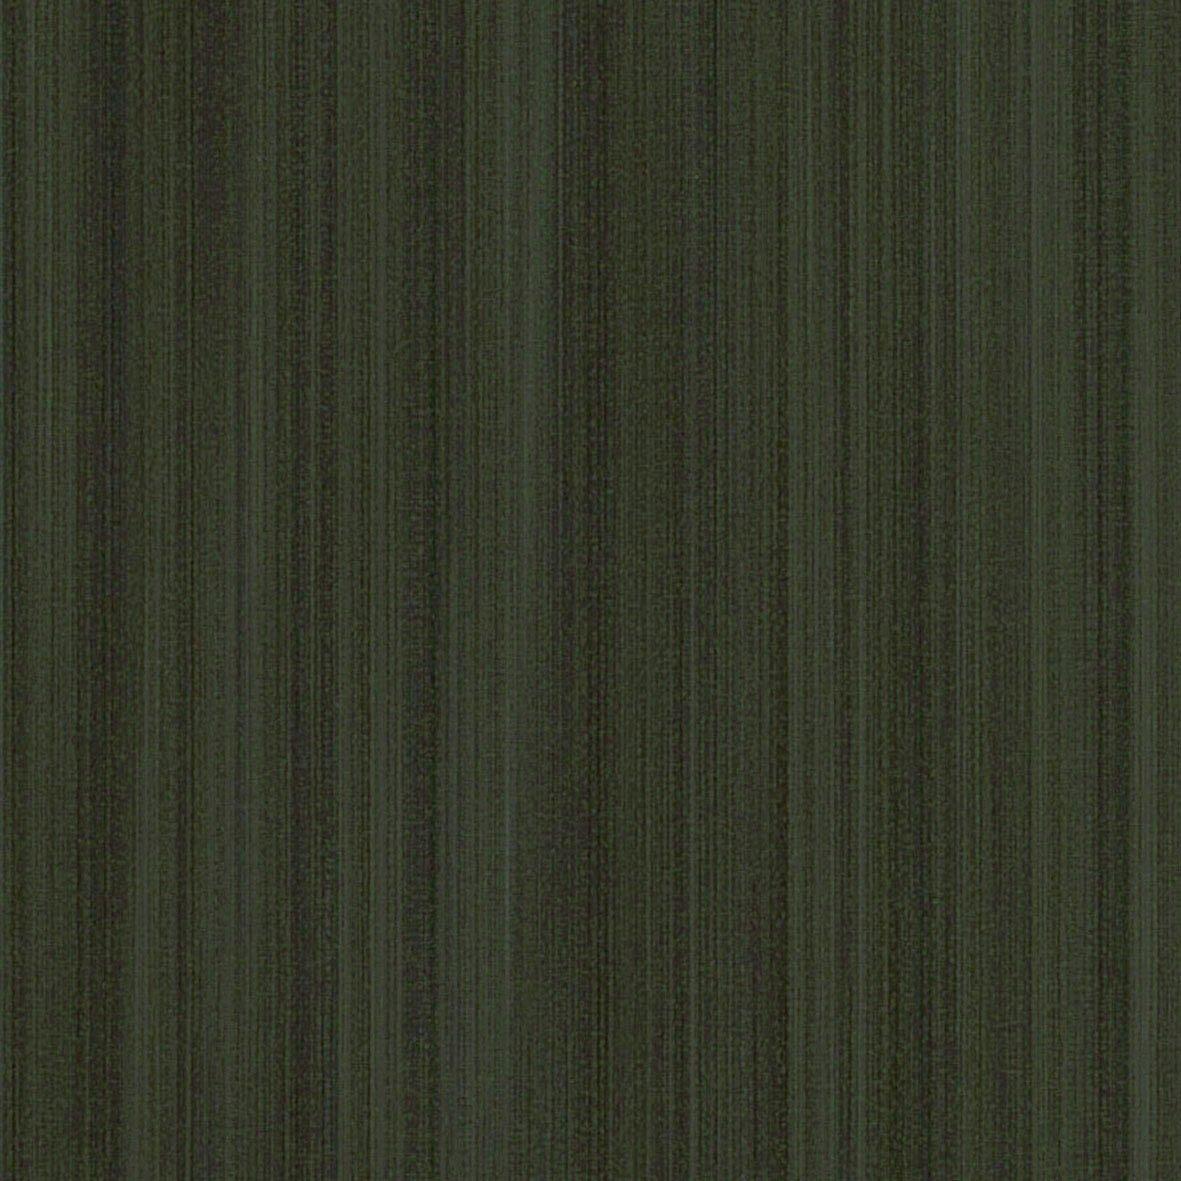 リリカラ 壁紙49m シンフル ストライプ ブラウン LL-8610 B01N0A8KZ7 49m|ブラウン2